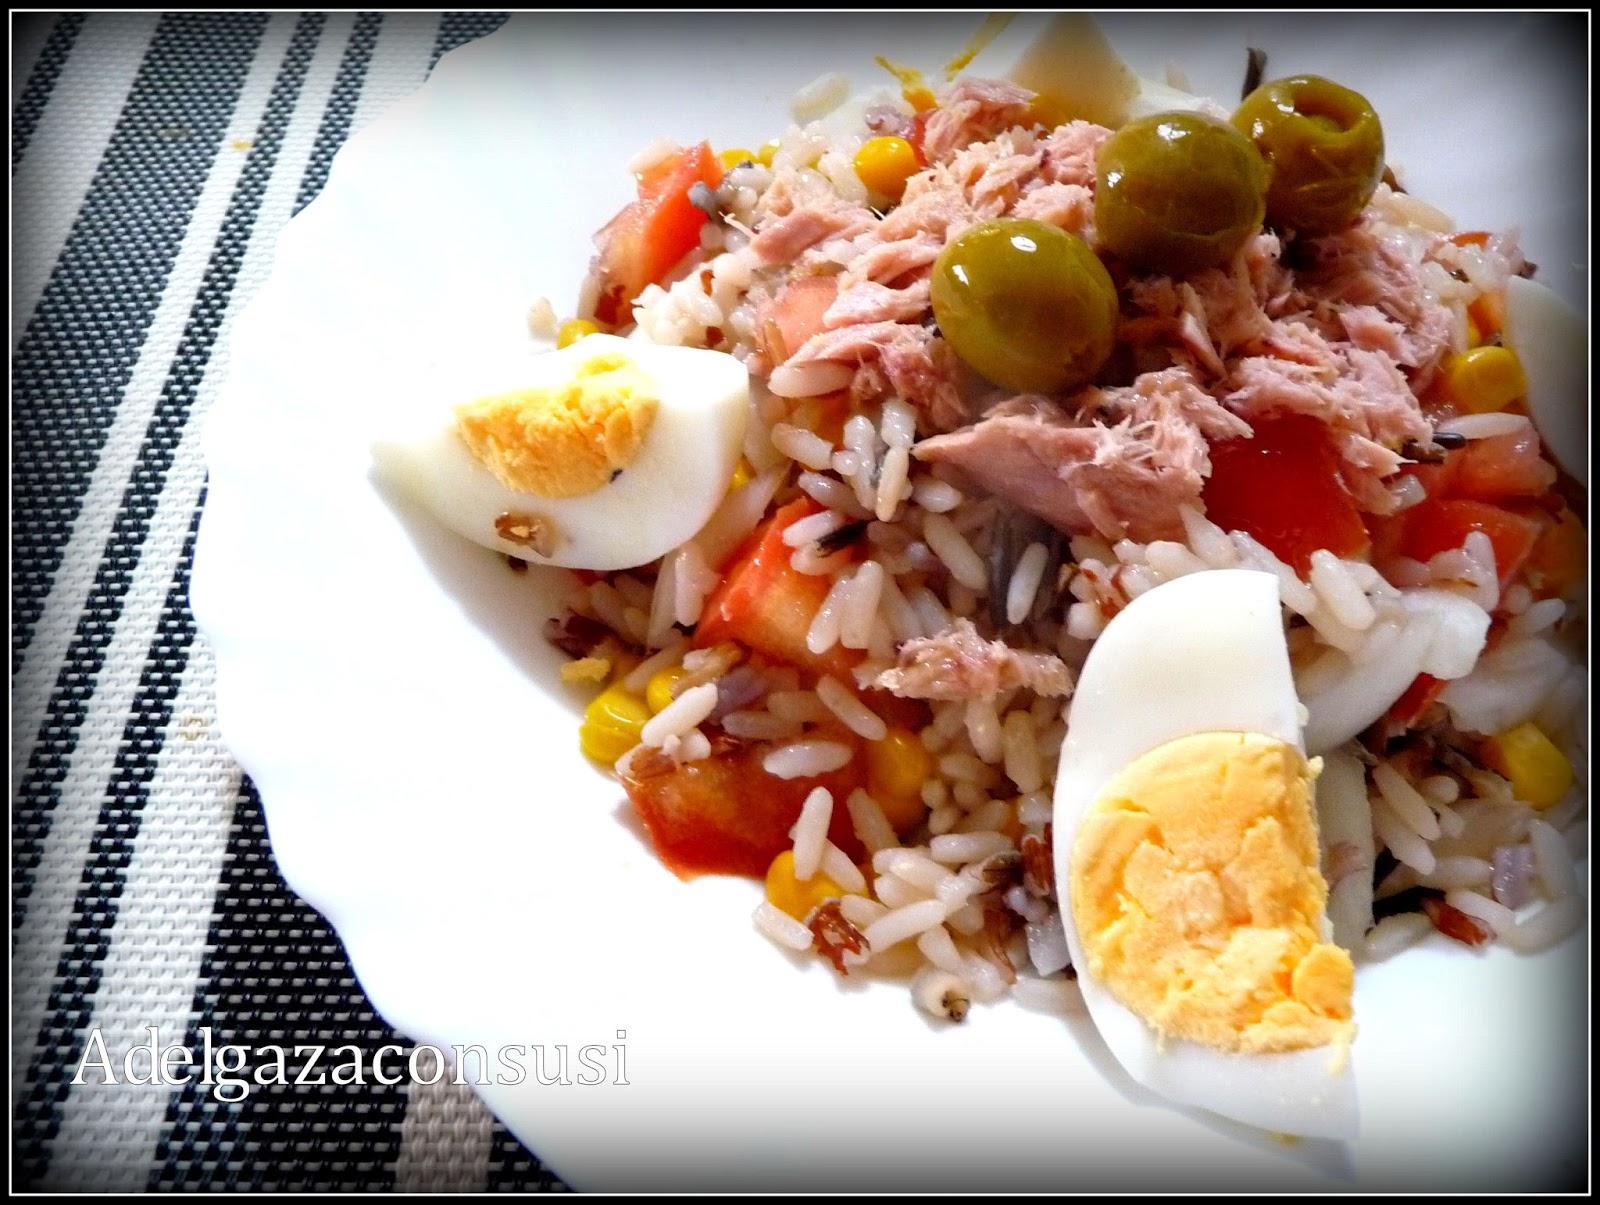 Recetas light adelgazaconsusi ensalada de arroz salvaje - Ensalada de arroz light ...